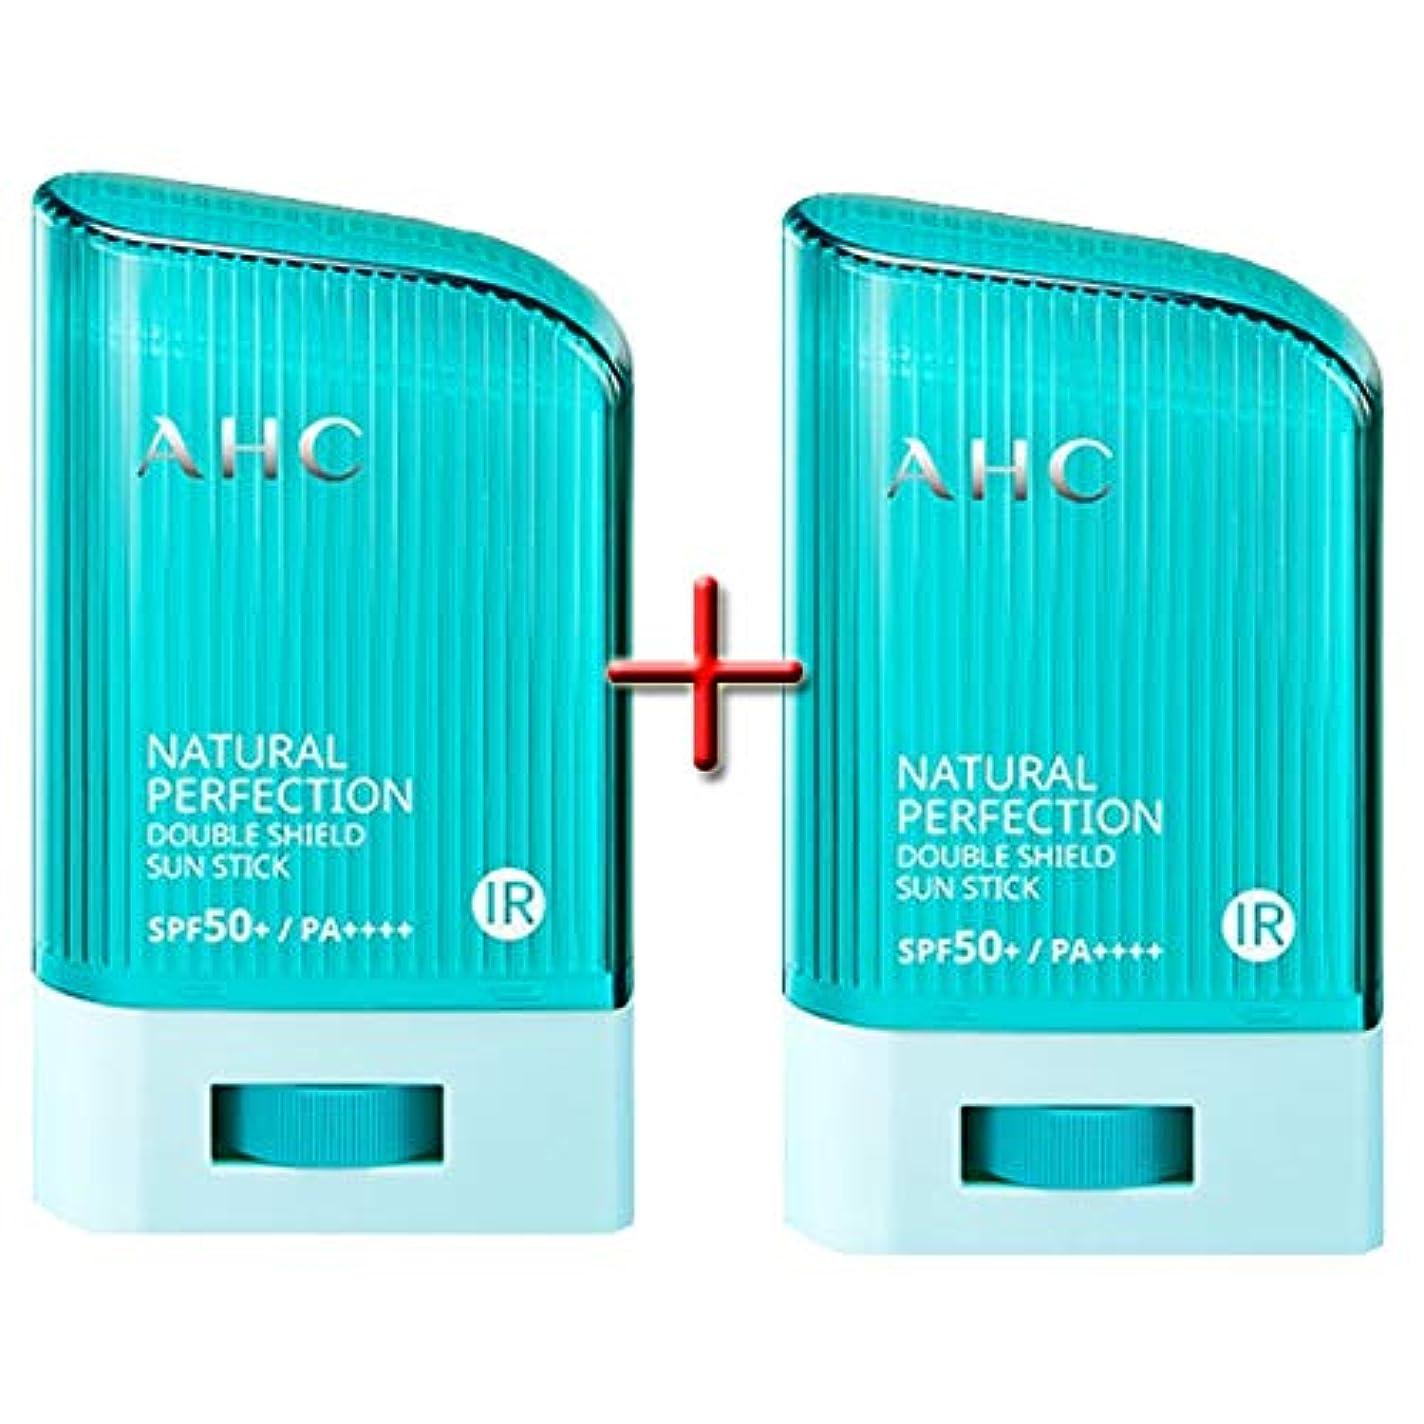 歩道変動する少数[ 1+1 ] AHC ナチュラルパーフェクションダブルシールドサンスティック 22g, Natural Perfection Double Shield Sun Stick SPF50+ PA++++